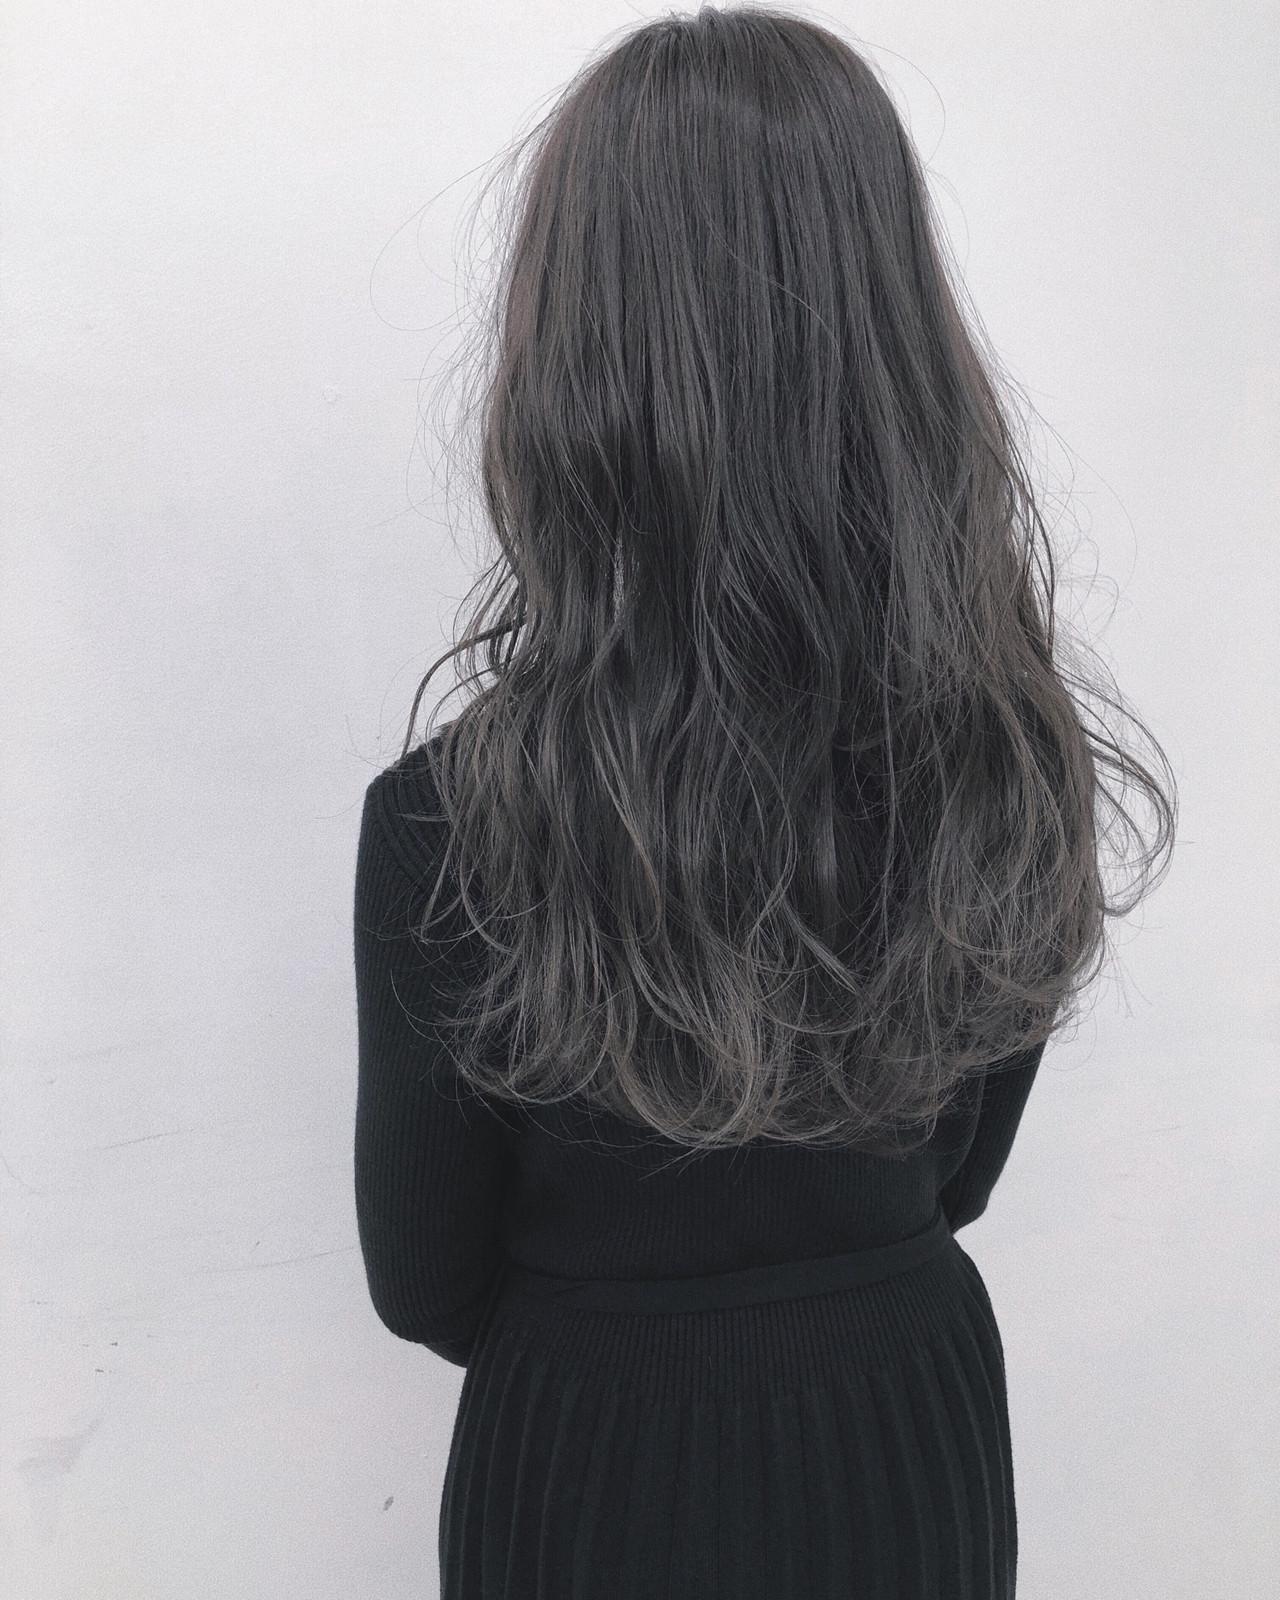 ブルージュ ナチュラル 暗髪 ブルーアッシュ ヘアスタイルや髪型の写真・画像